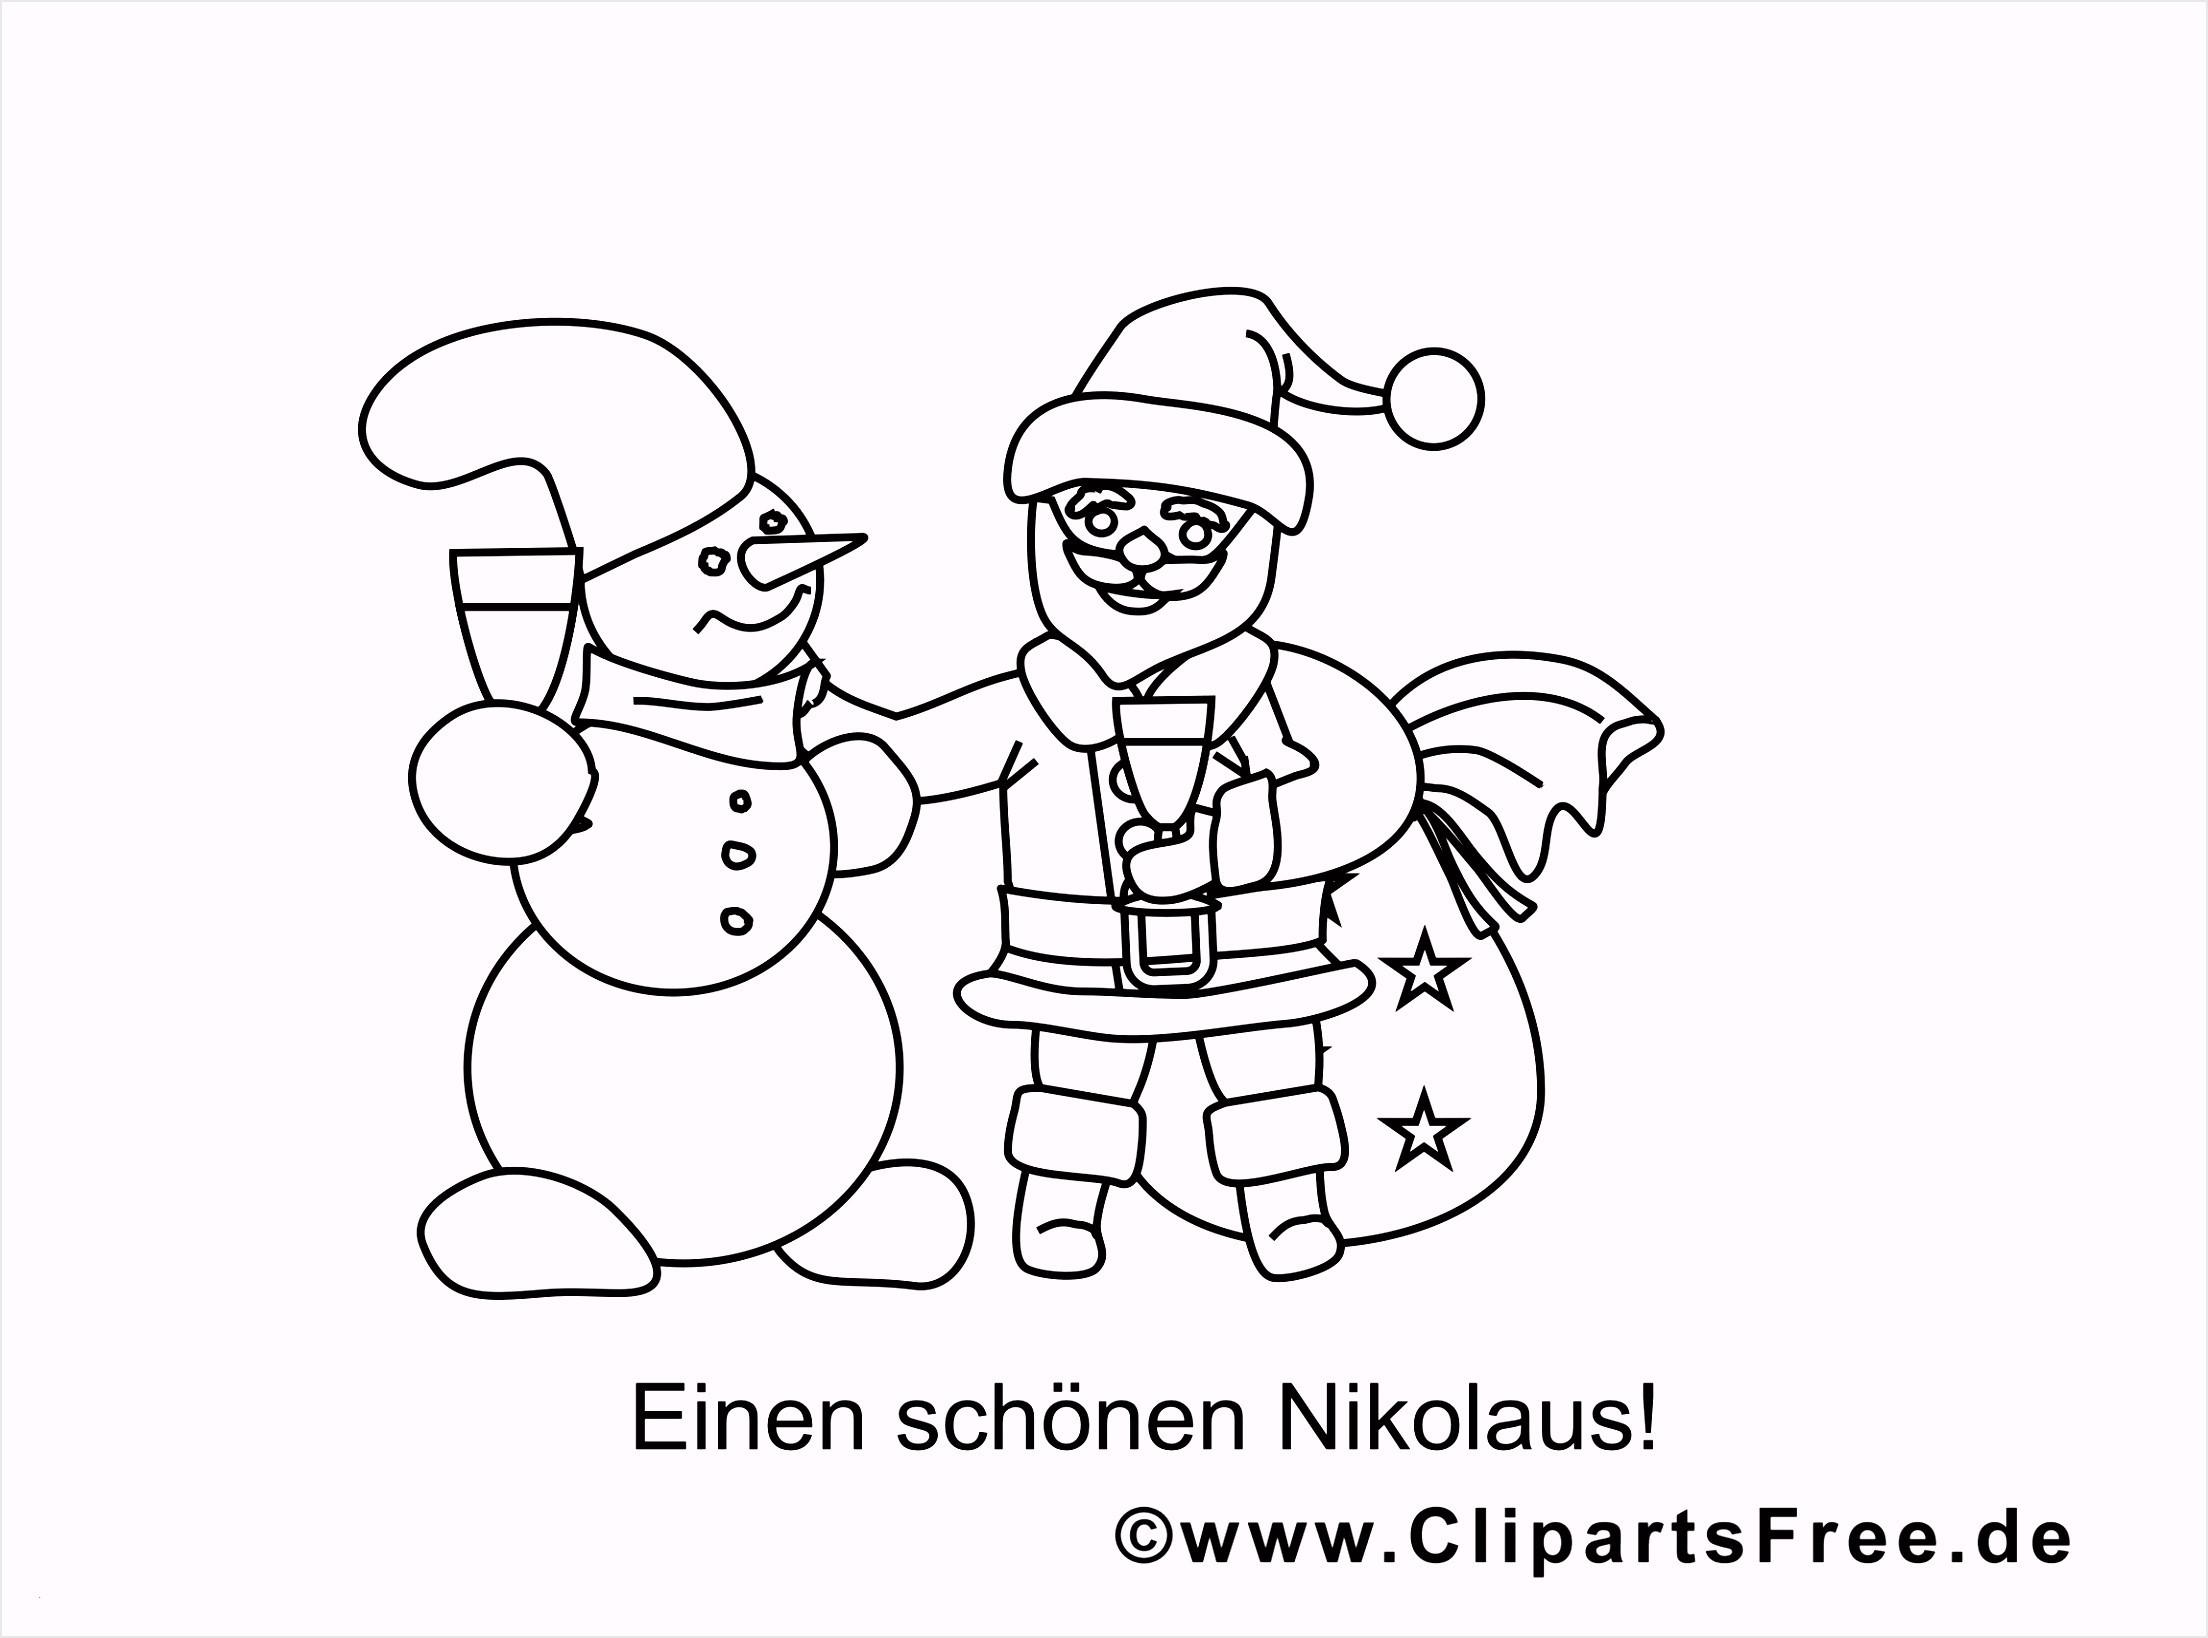 Ausmalbilder Weihnachten Tweety Neu Musikinstrumente Zum Ausmalen Elch Malvorlage Marke 50 Bilder